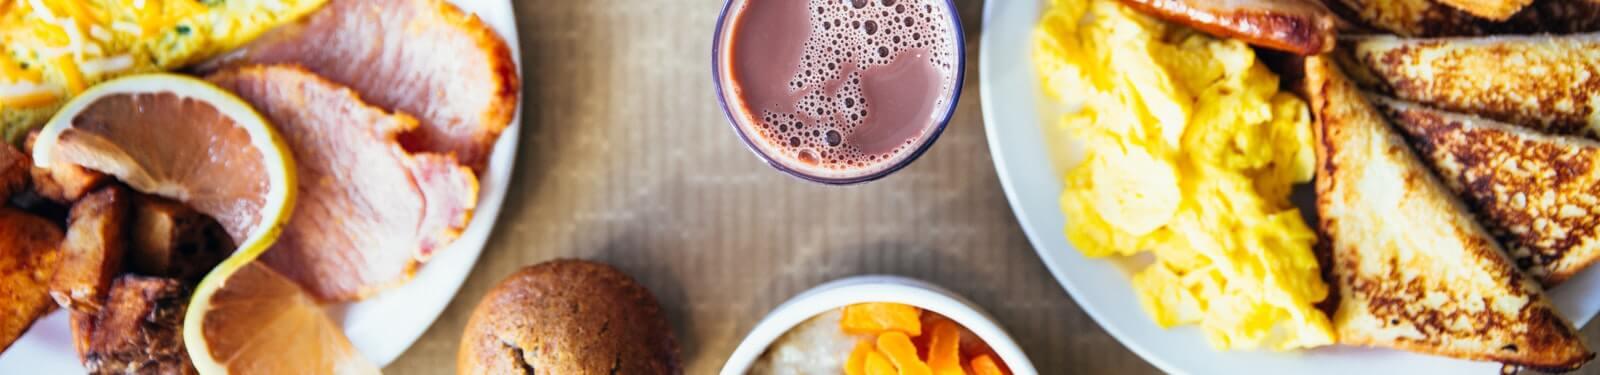 desayunar poco no es nutritivo